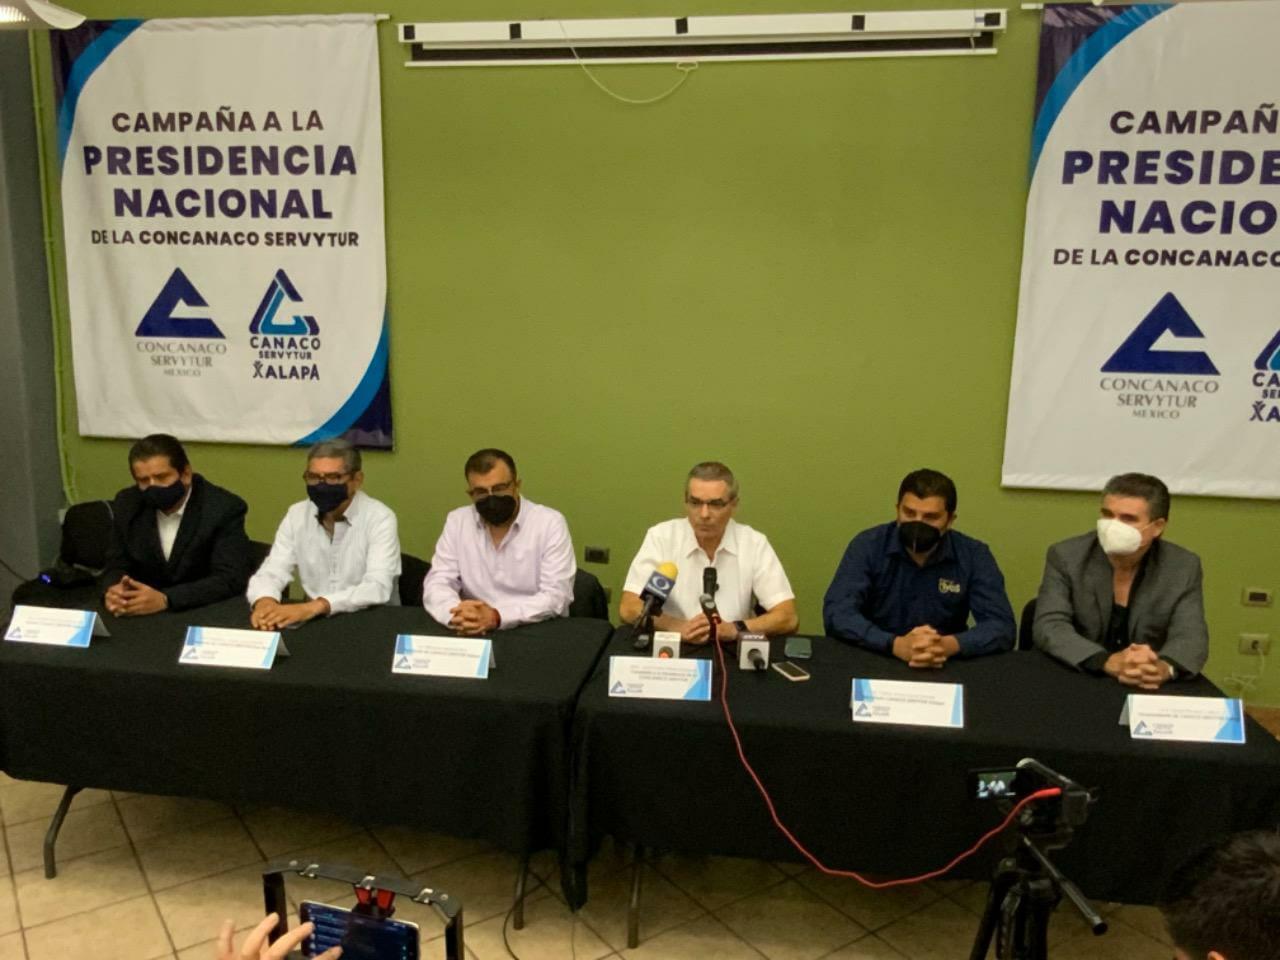 Gobierno Federal no debe meterse en las actividades de negocios: Candidato a Concanaco